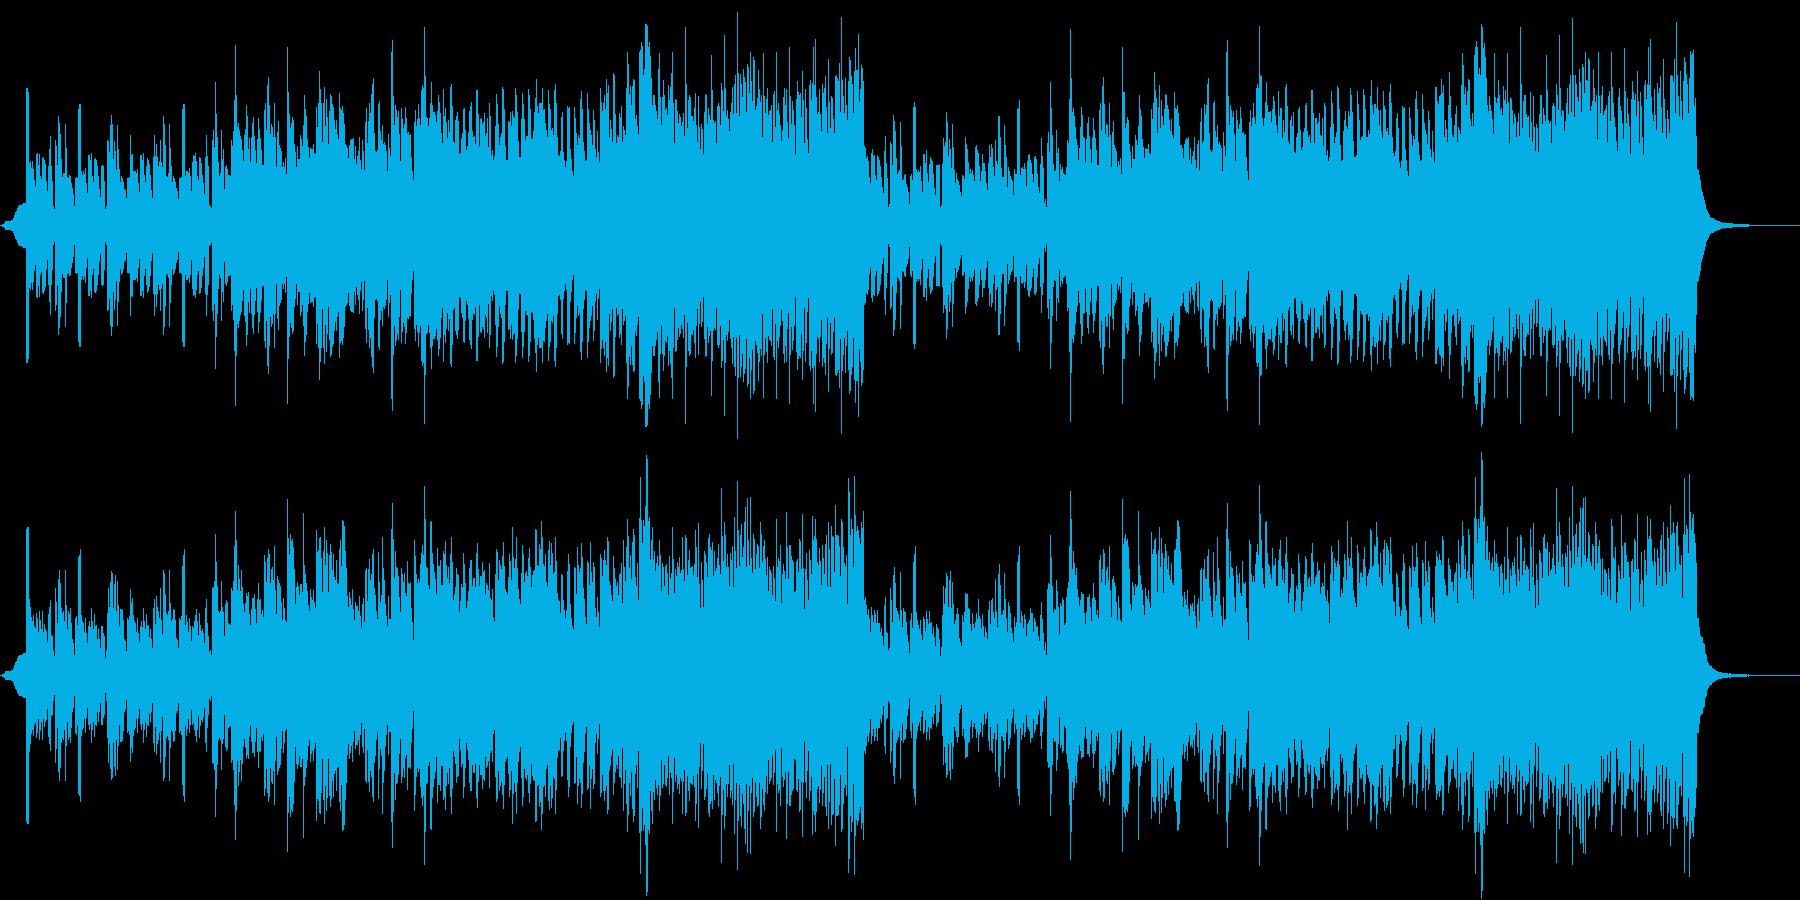 低音のリズムが気持ちいいBGMの再生済みの波形